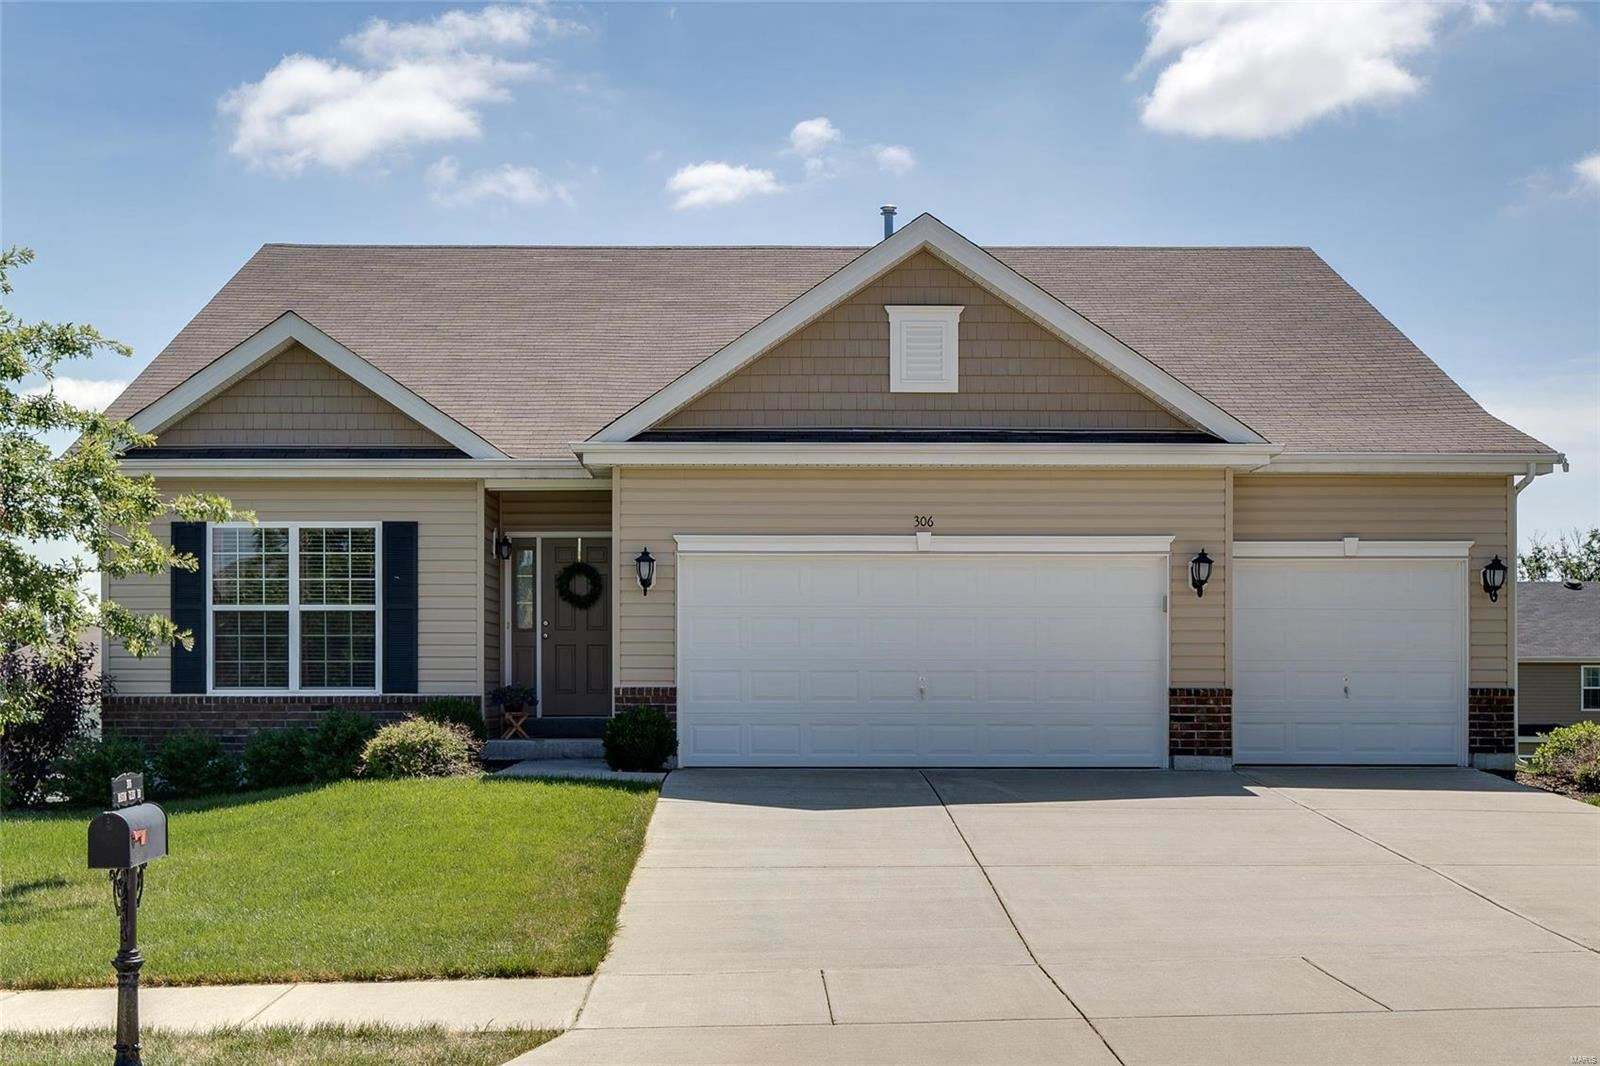 306 Mason Glen Drive, Lake Saint Louis, MO 63367 | MLS ...